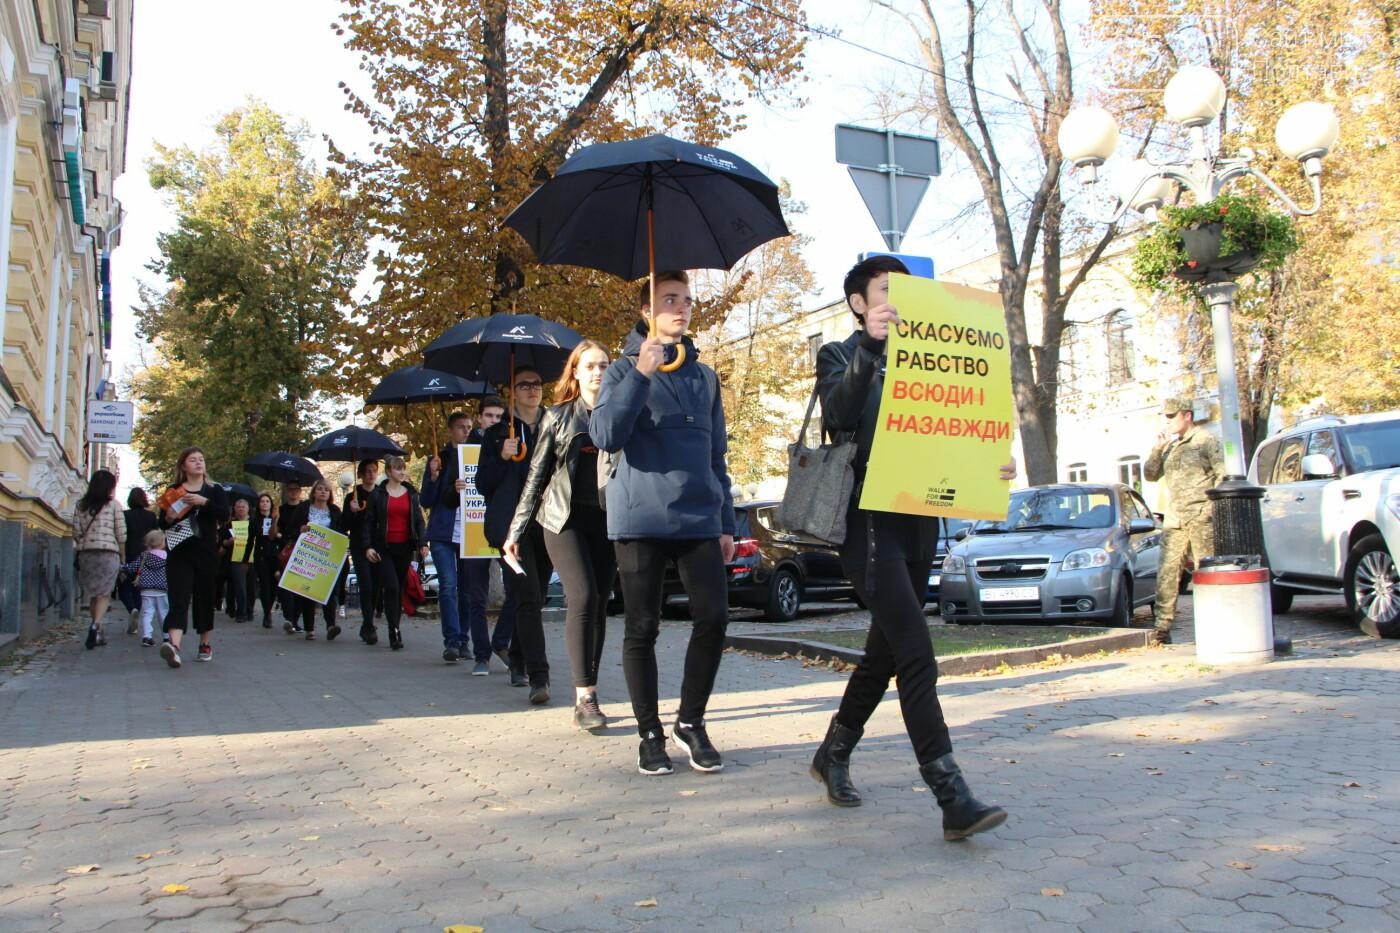 Полтавою пройшли мовчазні люди із чорними парасолями (ФОТО, ВІДЕО), фото-4